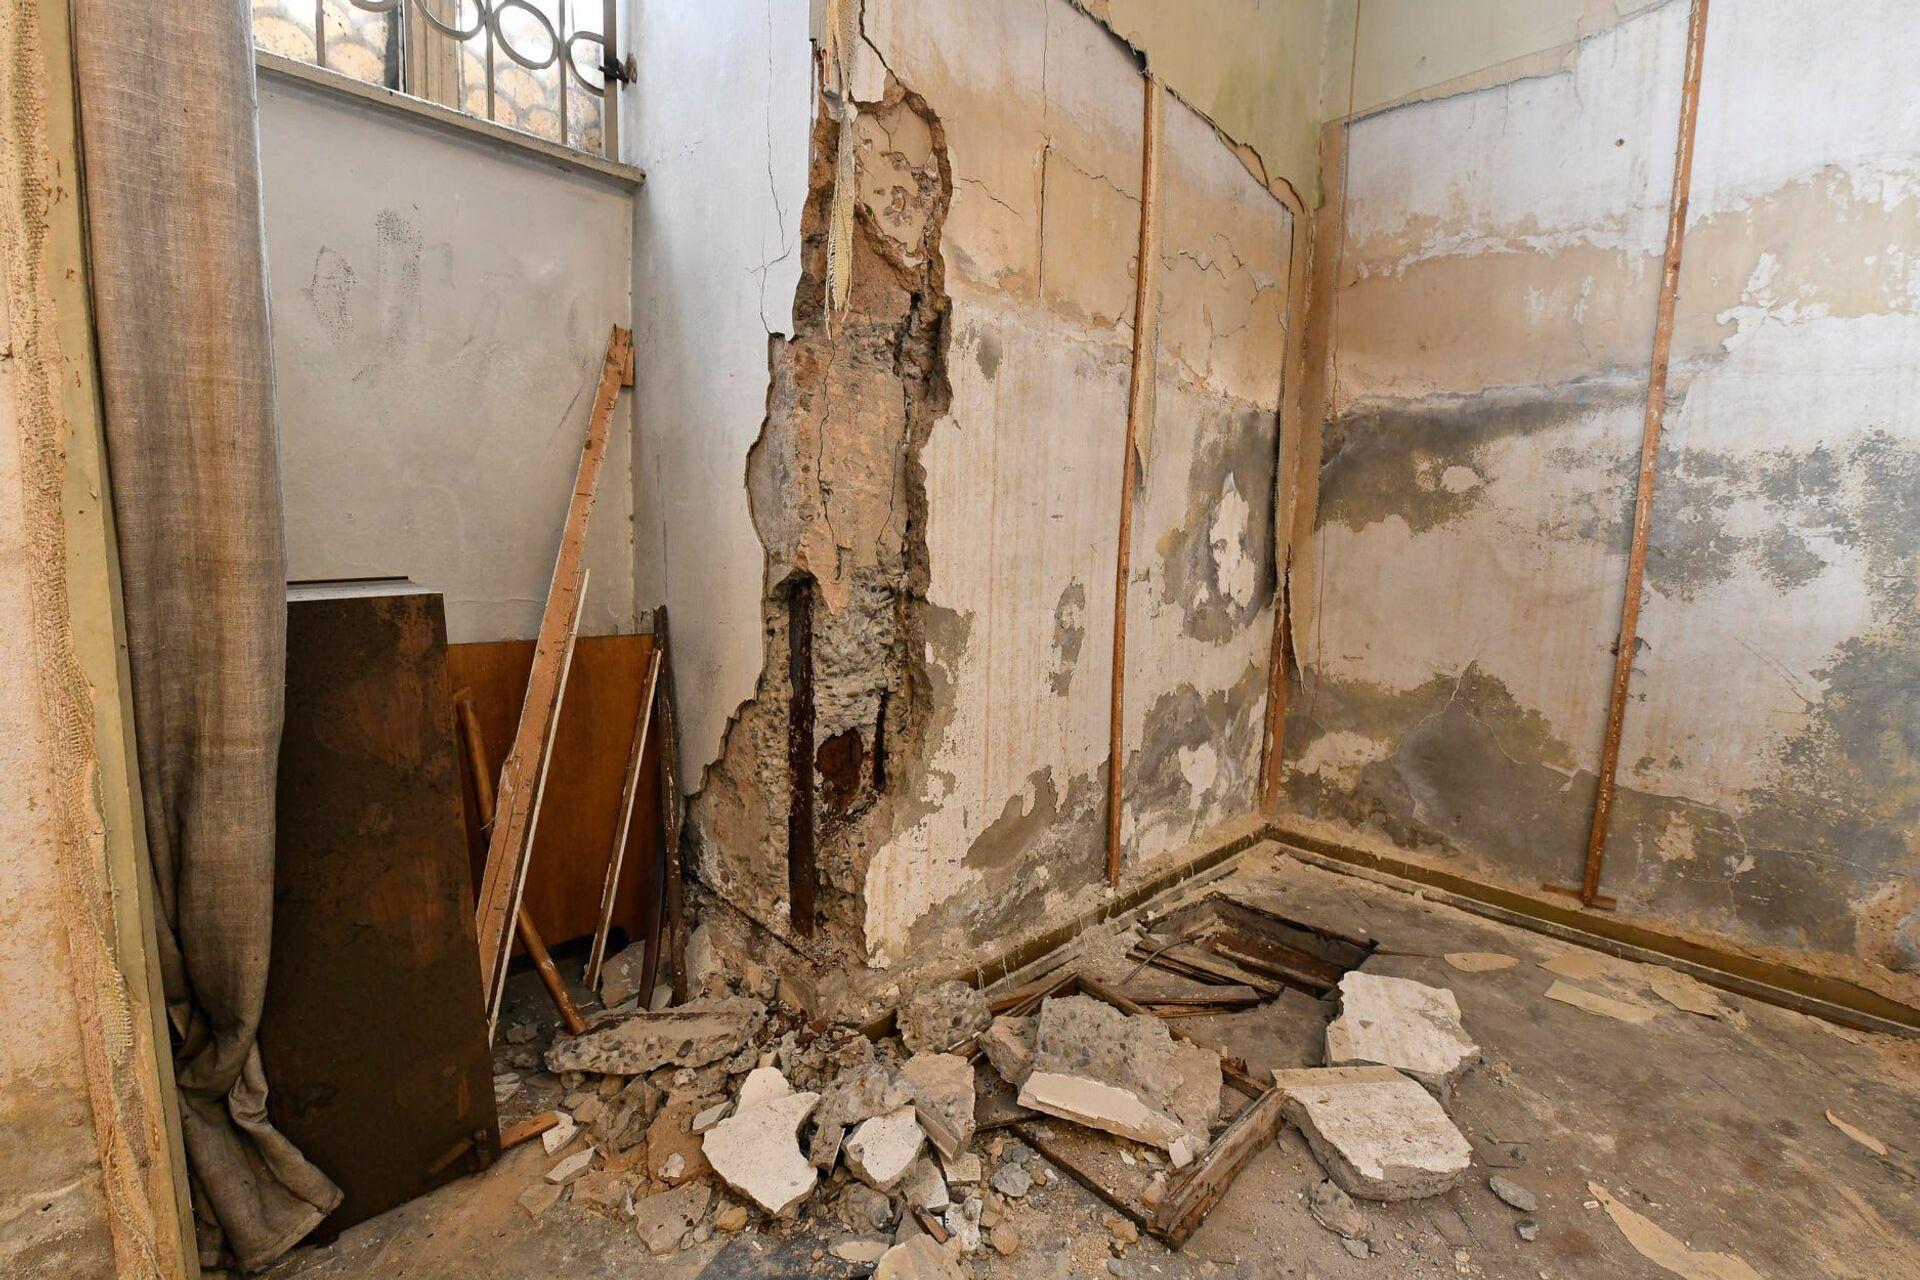 А восстановительных работ в здании не проводили с 50-х годов - Sputnik Грузия, 1920, 24.08.2021